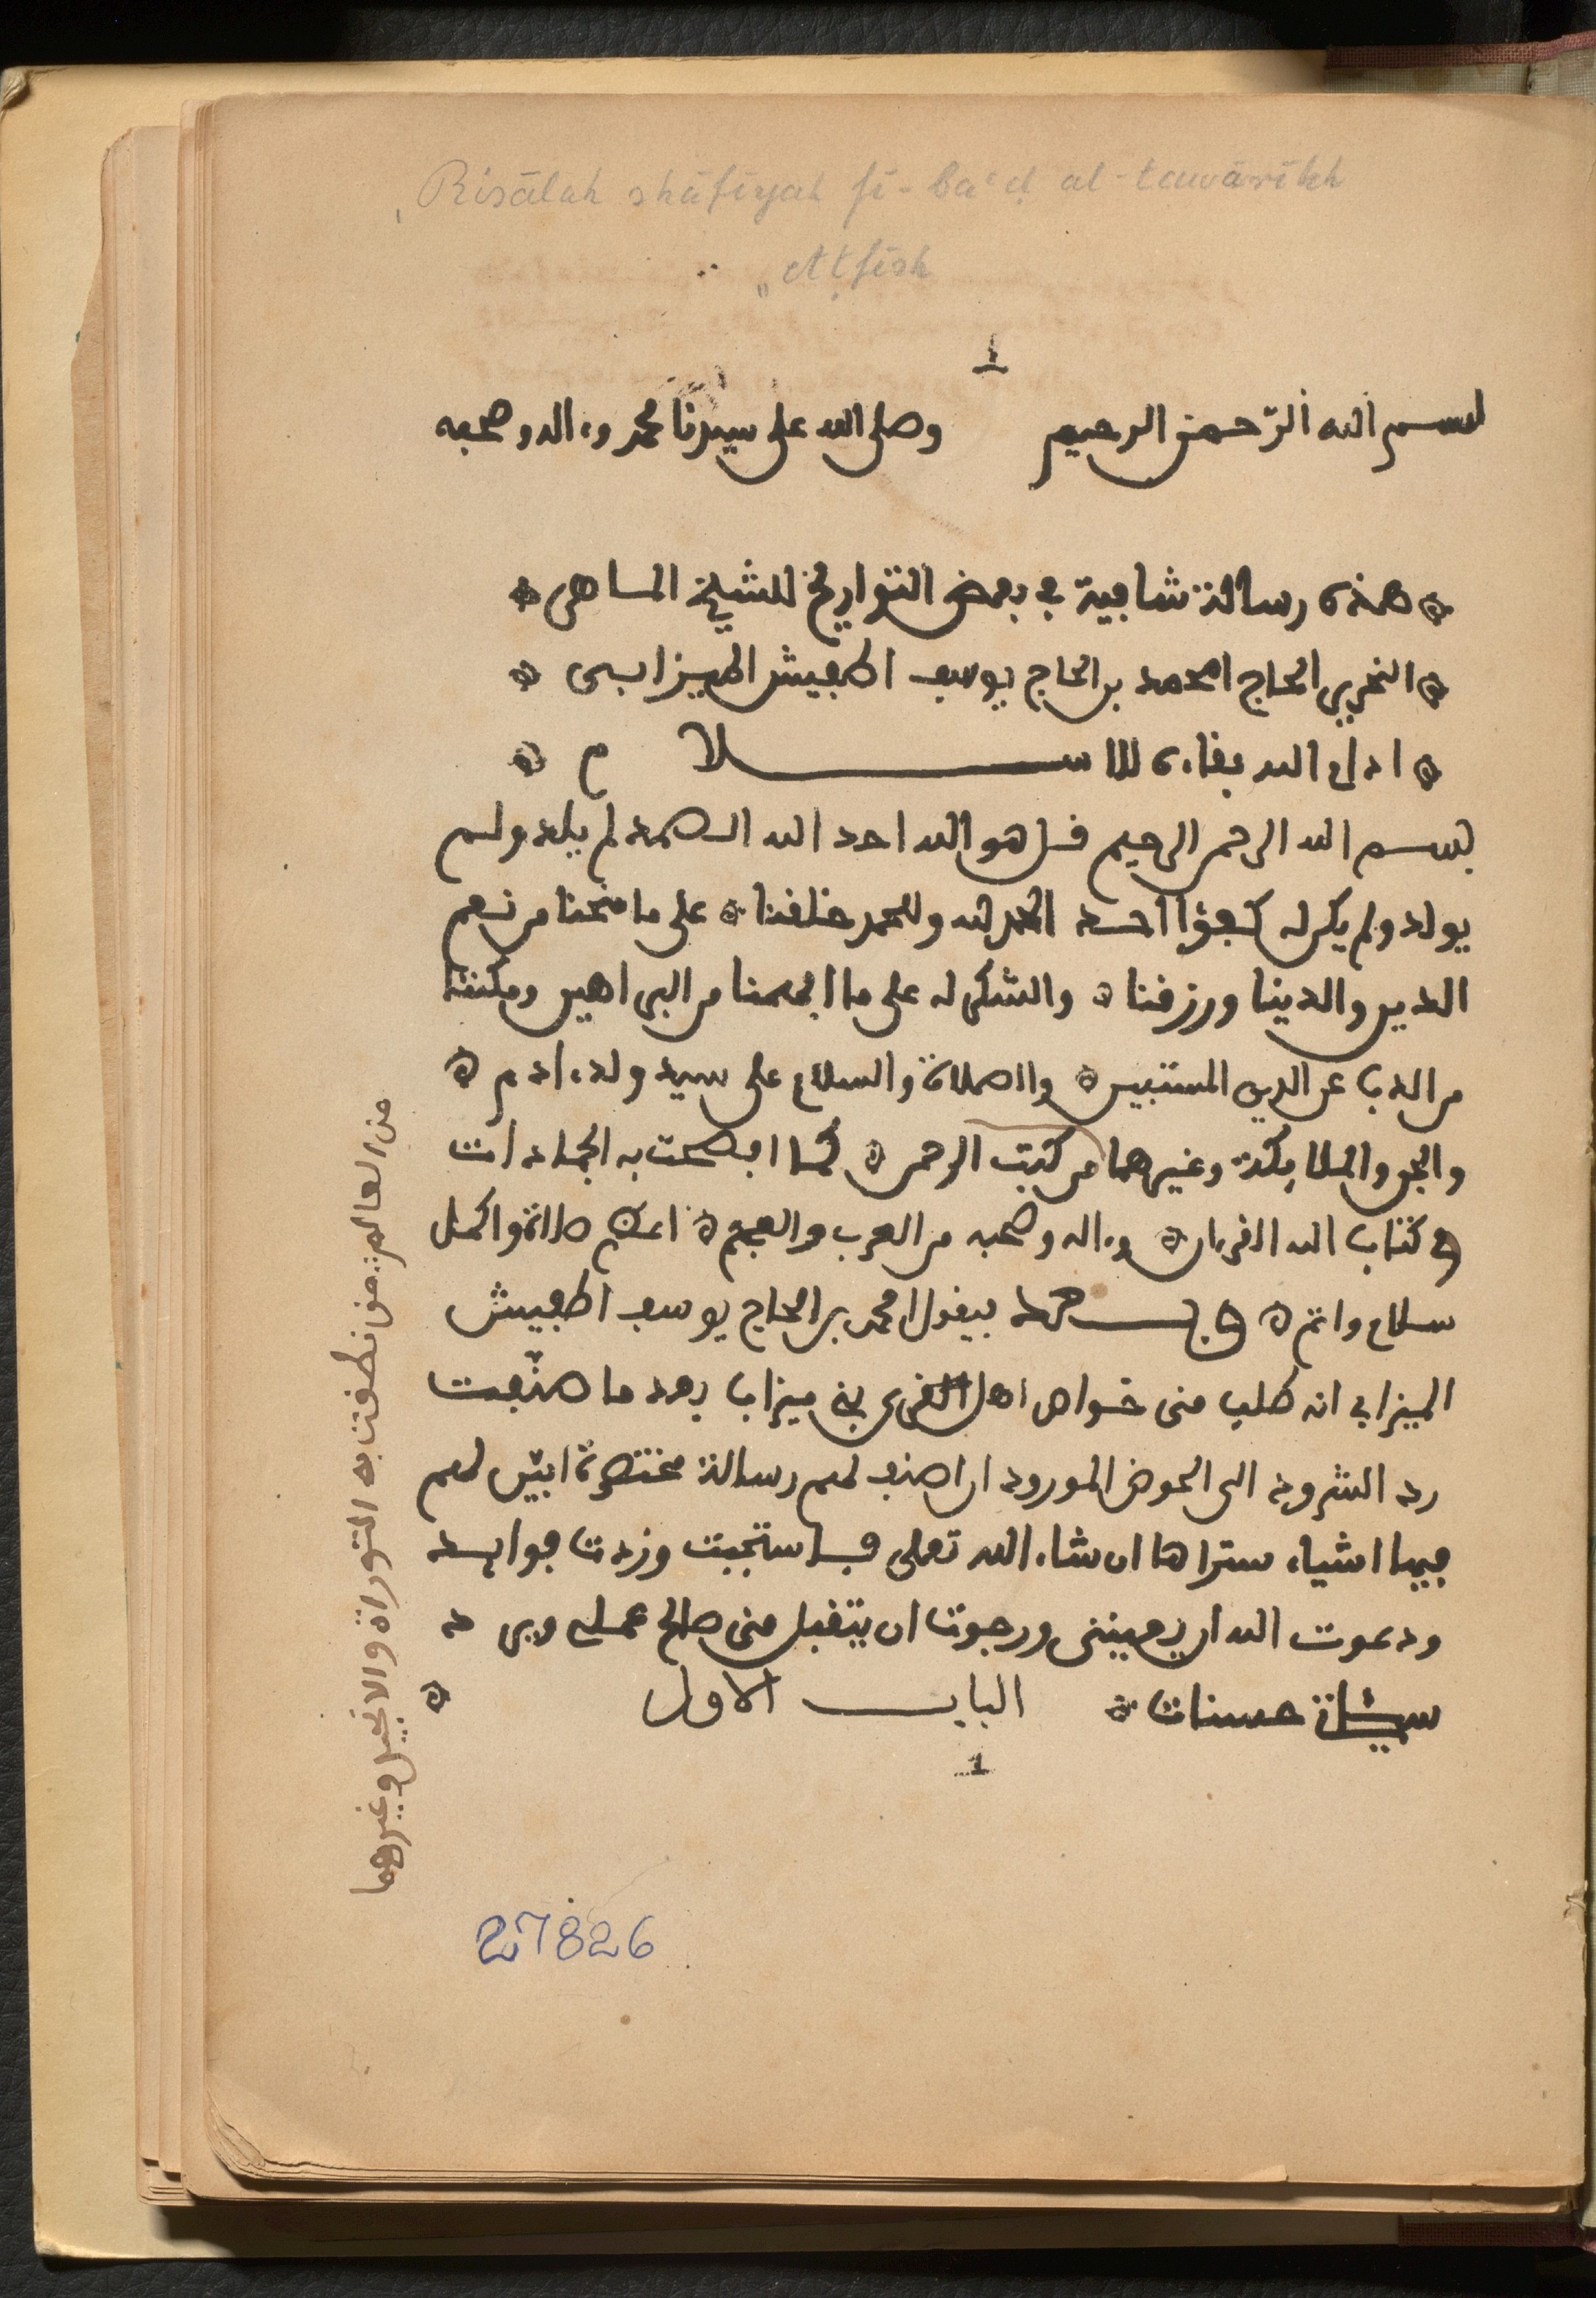 Ikhwān al-Ṣafā'.Risālah min rasā'il Ikhwān al-Ṣafā' wa-khullān al-murūwah wa-al-wafā' : qad ishtamalat ʻalá mā dāra bayna al-ins wa-al-ḥayawānāt min al-munāẓarah al-murattabah ʻalá badā'iʻ al-aqwāl wa-al-mukhāṣamāt / bi-idārah Muḥammad ʻAbd al-Wāḥid. Kānfūr : Maṭbaʻah al-Intiẓāmī 1894.